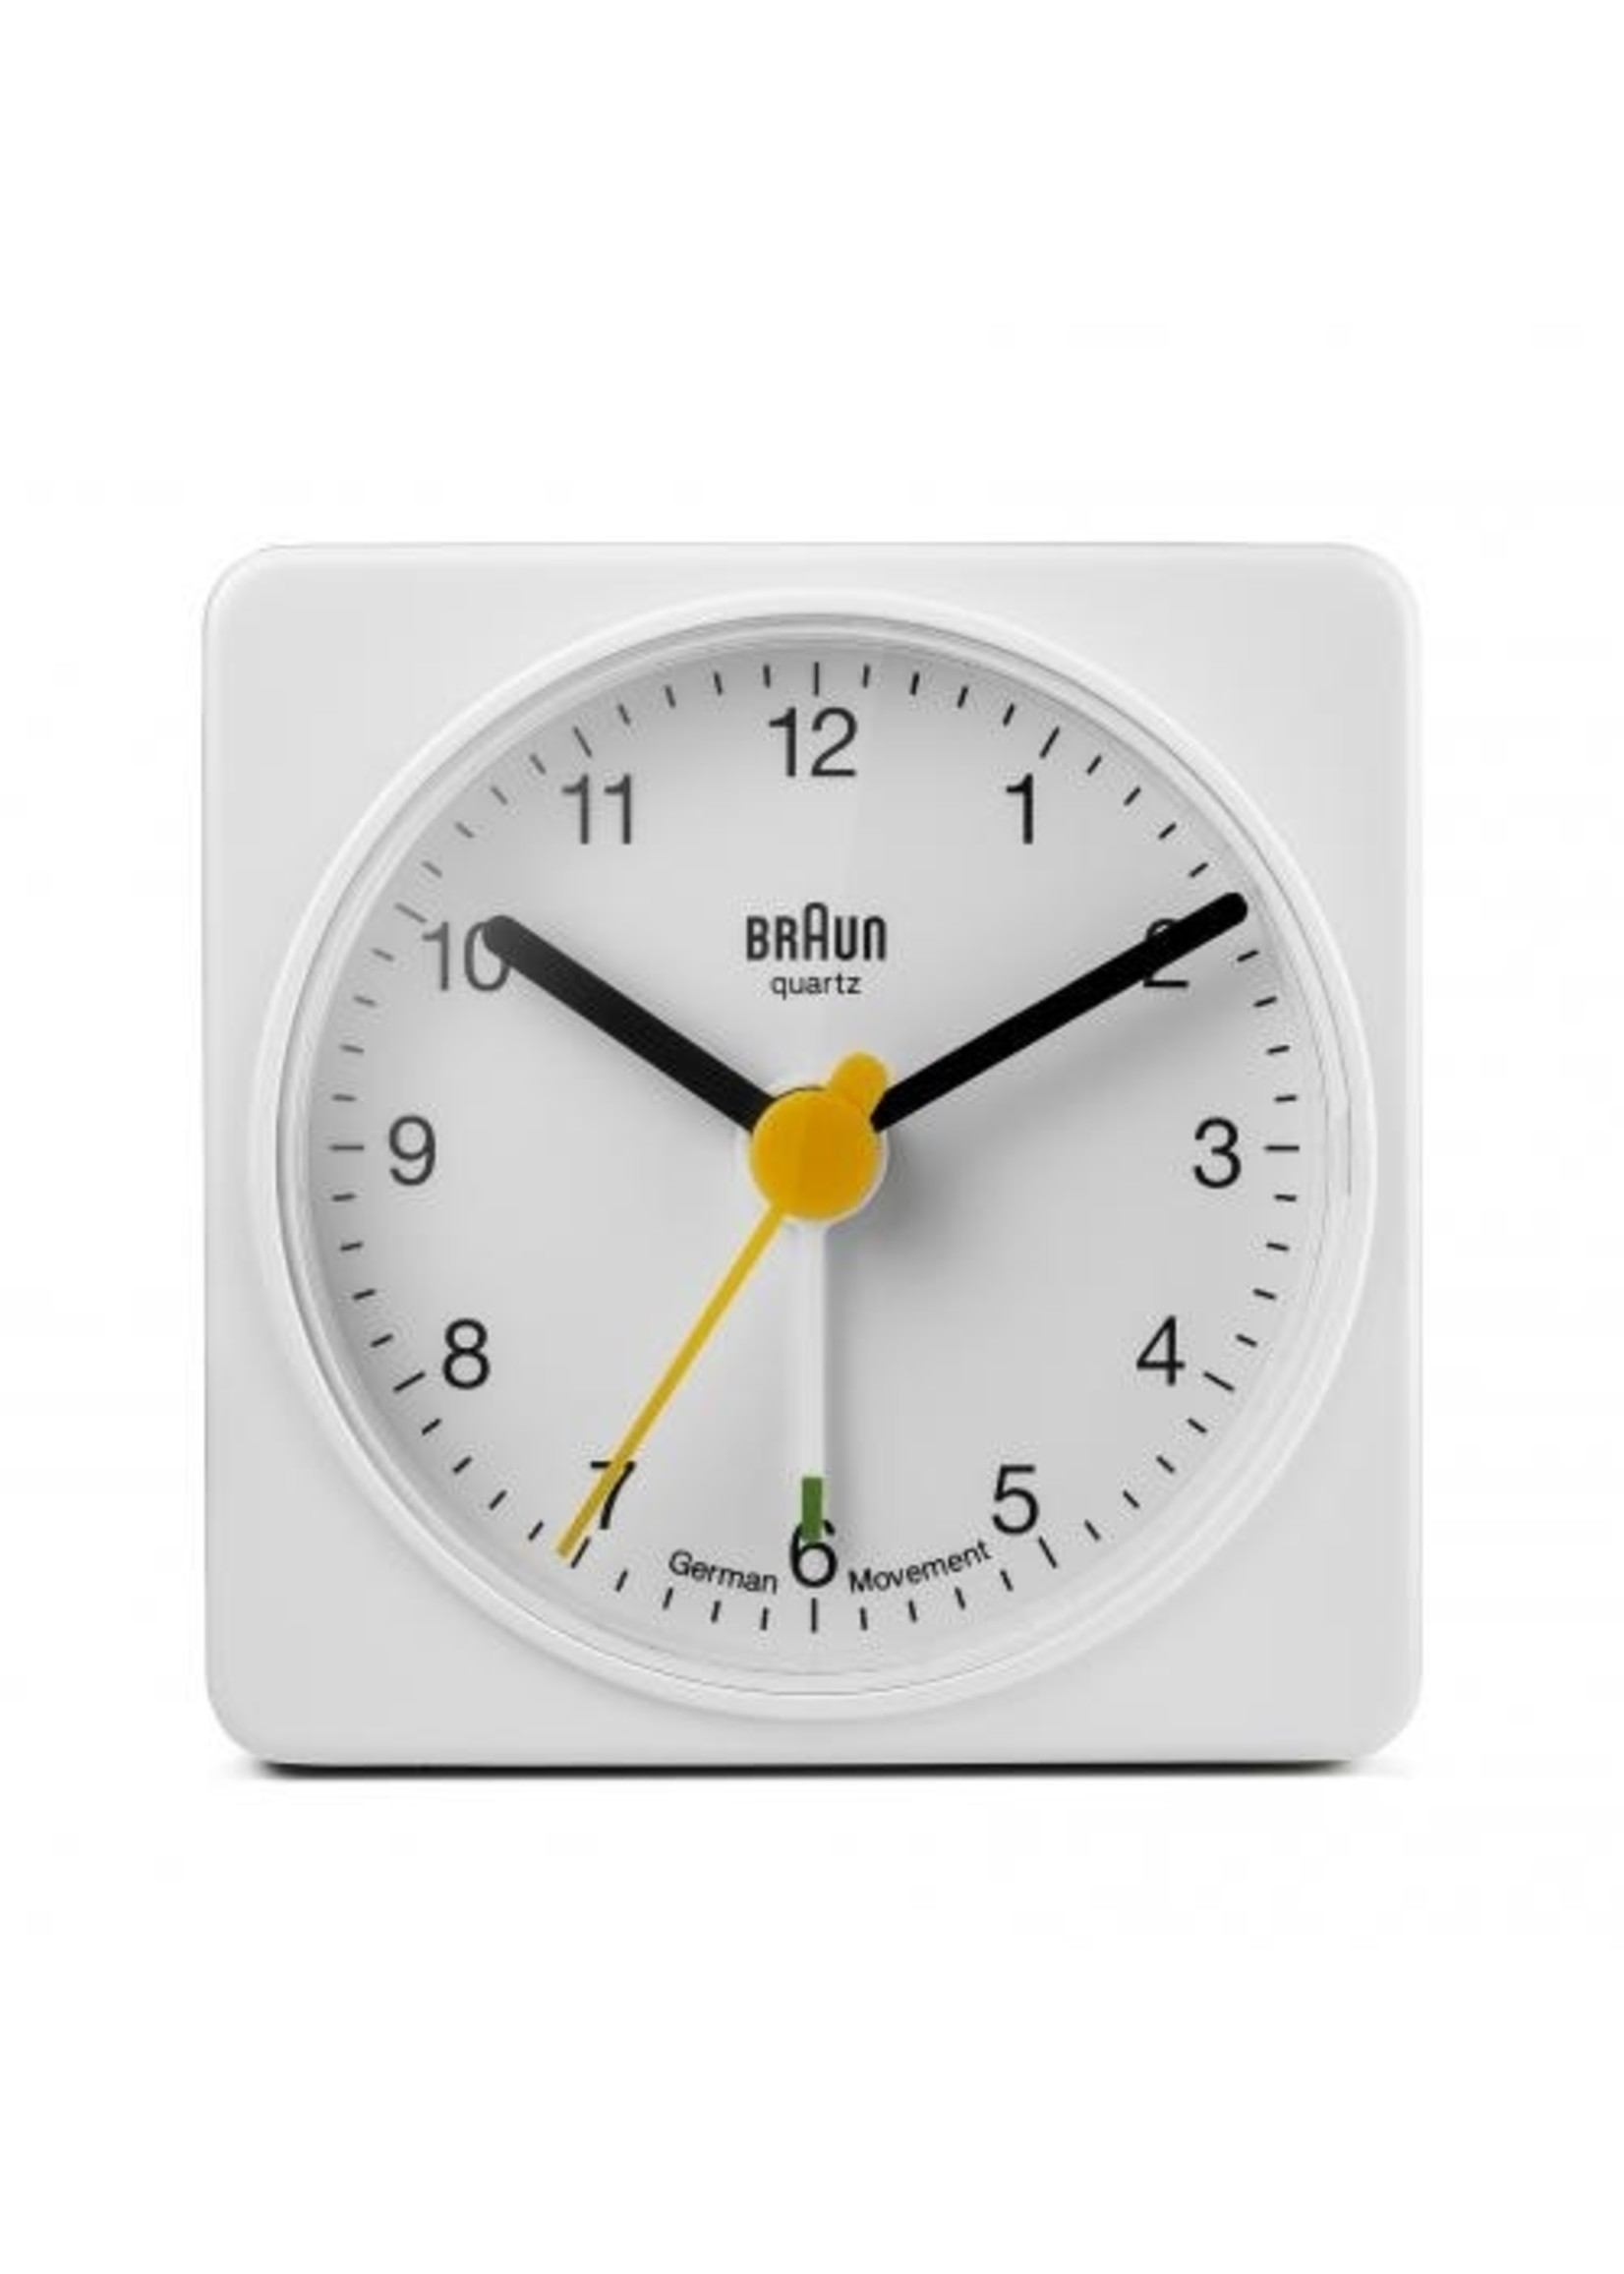 Braun Braun Alarm klok MINI